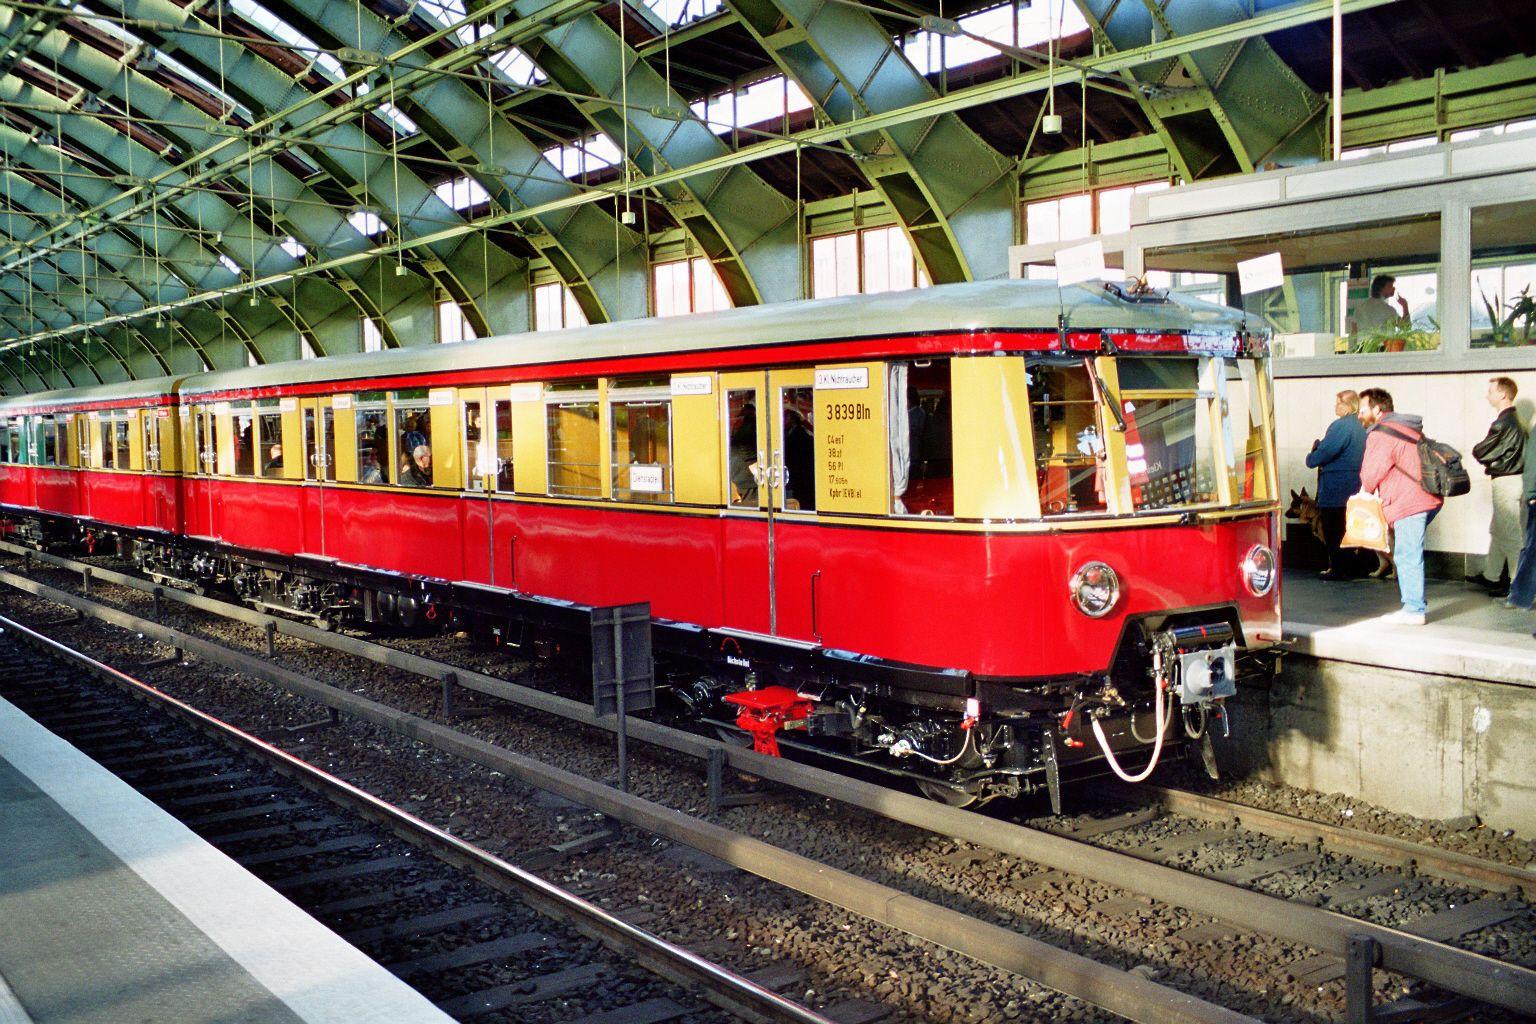 S-Bahn 3839, Bauart 1938/1941, Baureihe 167, Ostbahnhof, 2002